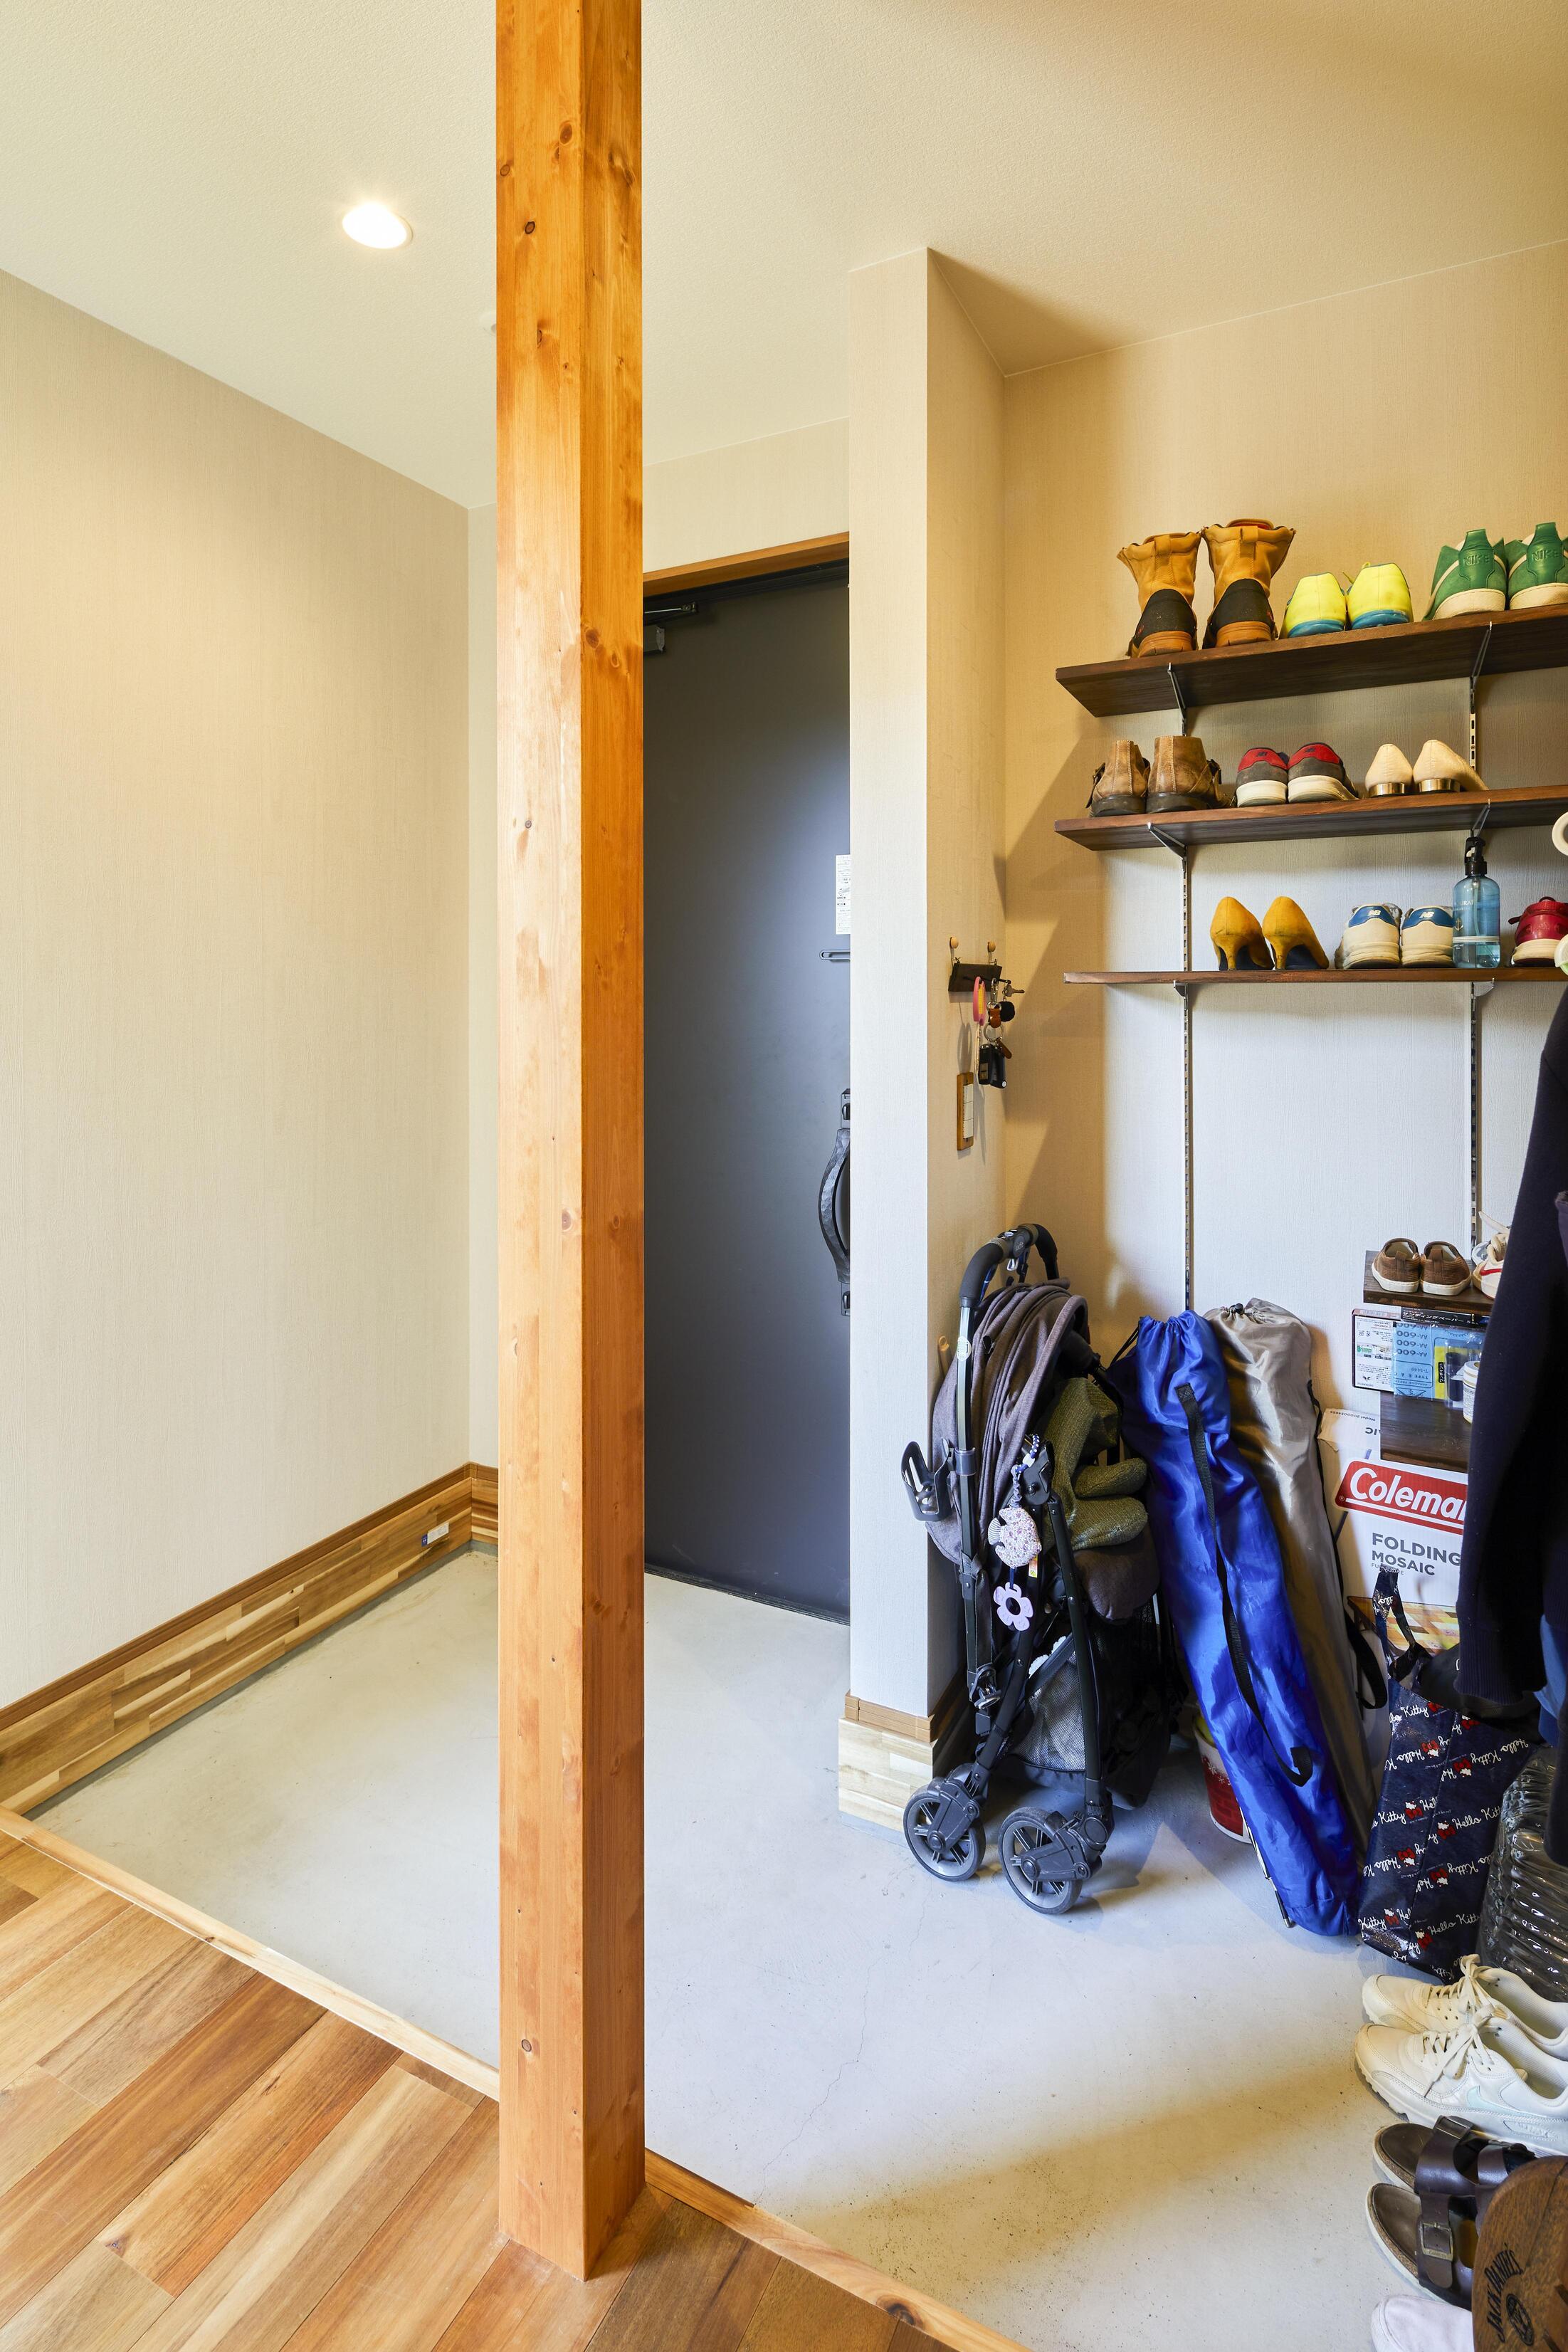 玄関には3帖分の収納スペースを用意。アウトドア好きな施主様のグッズもまとめて置いておける